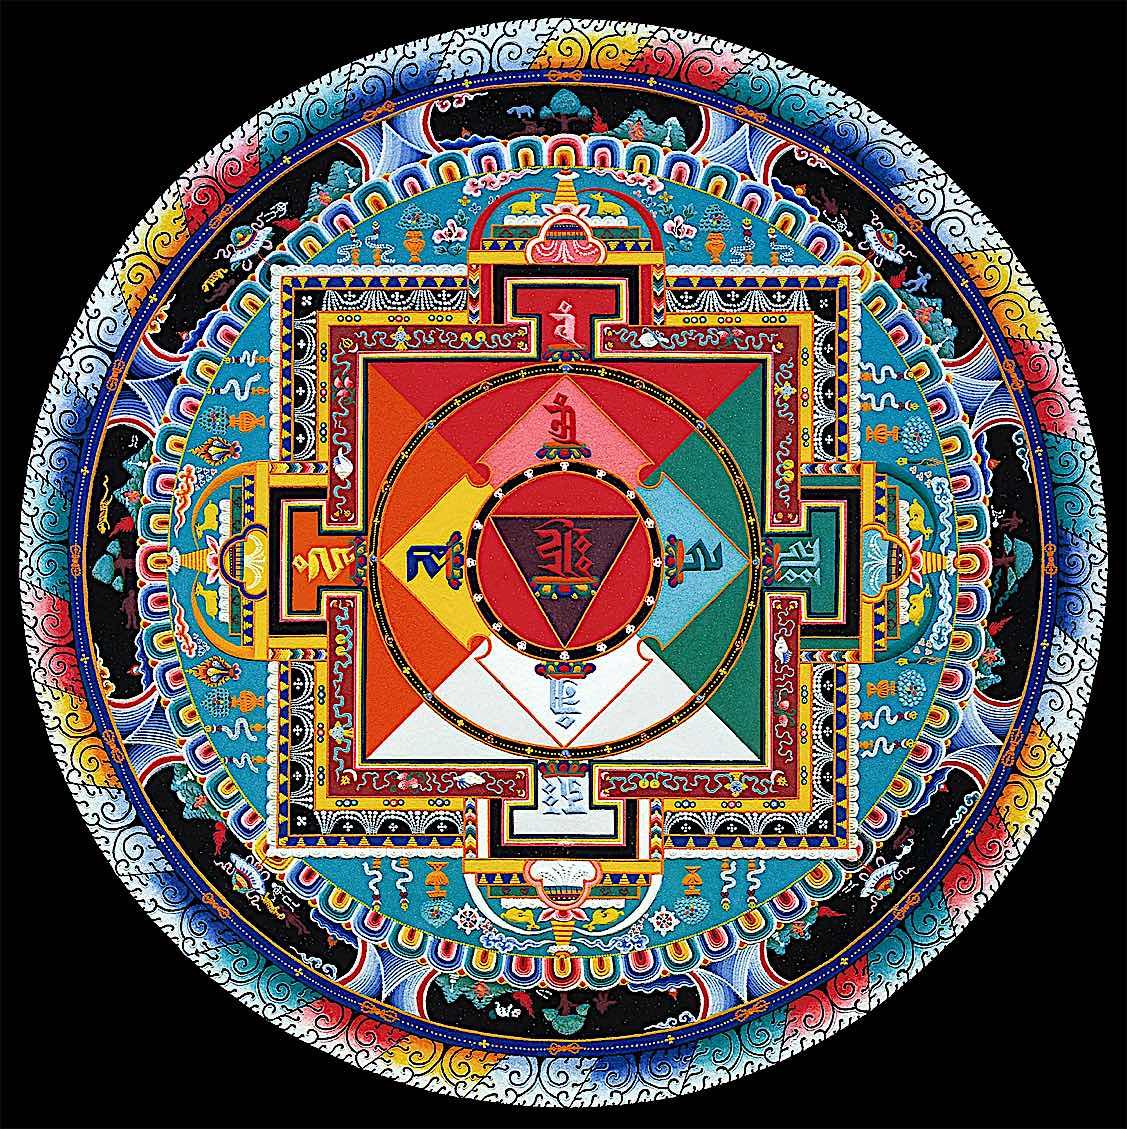 Buddha Weekly Hayagriva Mandala final Buddhism